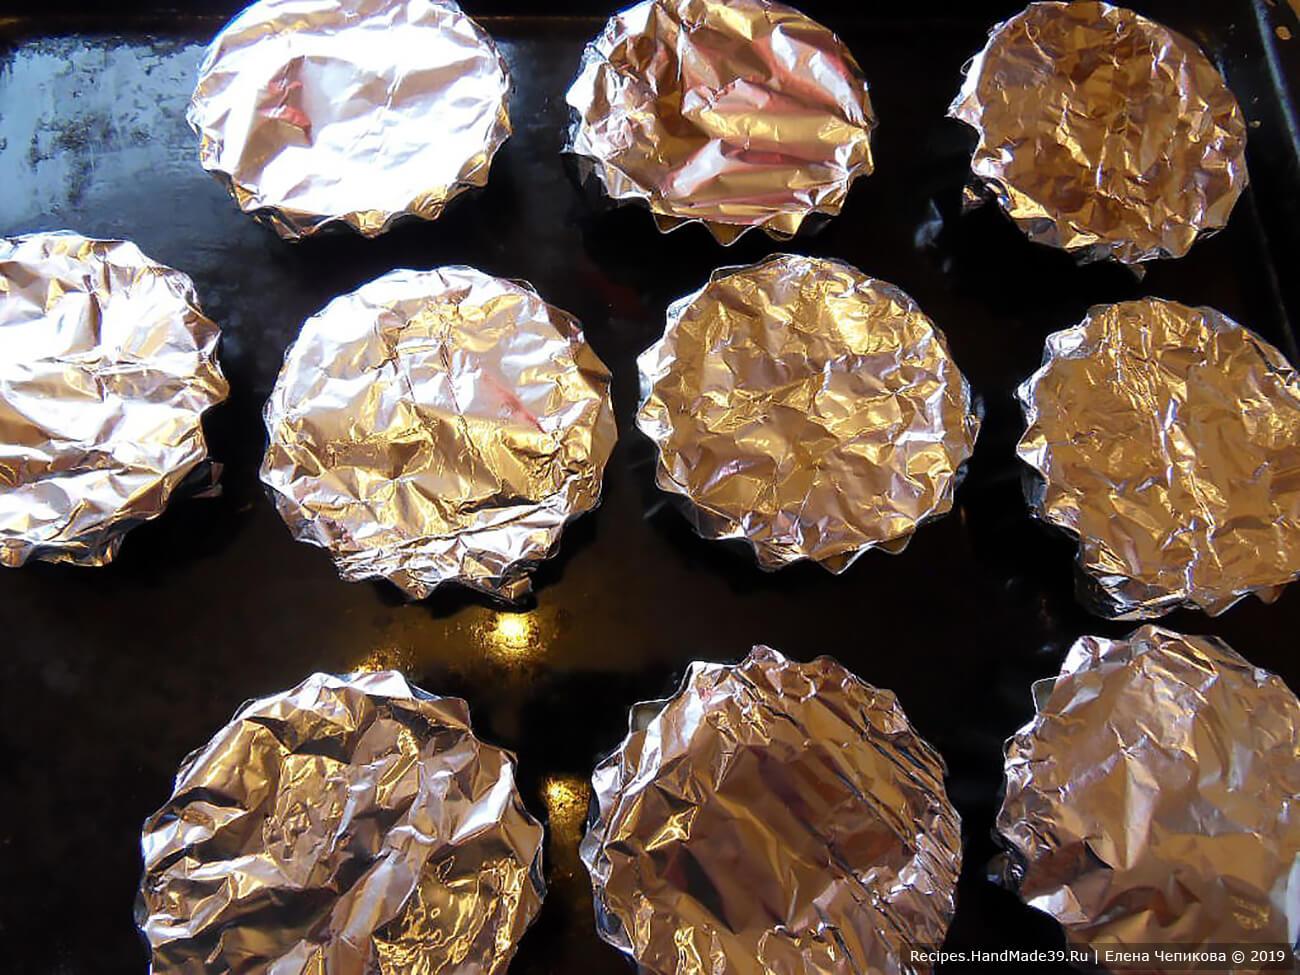 Отваривать 40 минут в пароварке. Или накрыть фольгой и запекать 25-30 минут в духовке, предварительно разогретой до температуры 180 °C